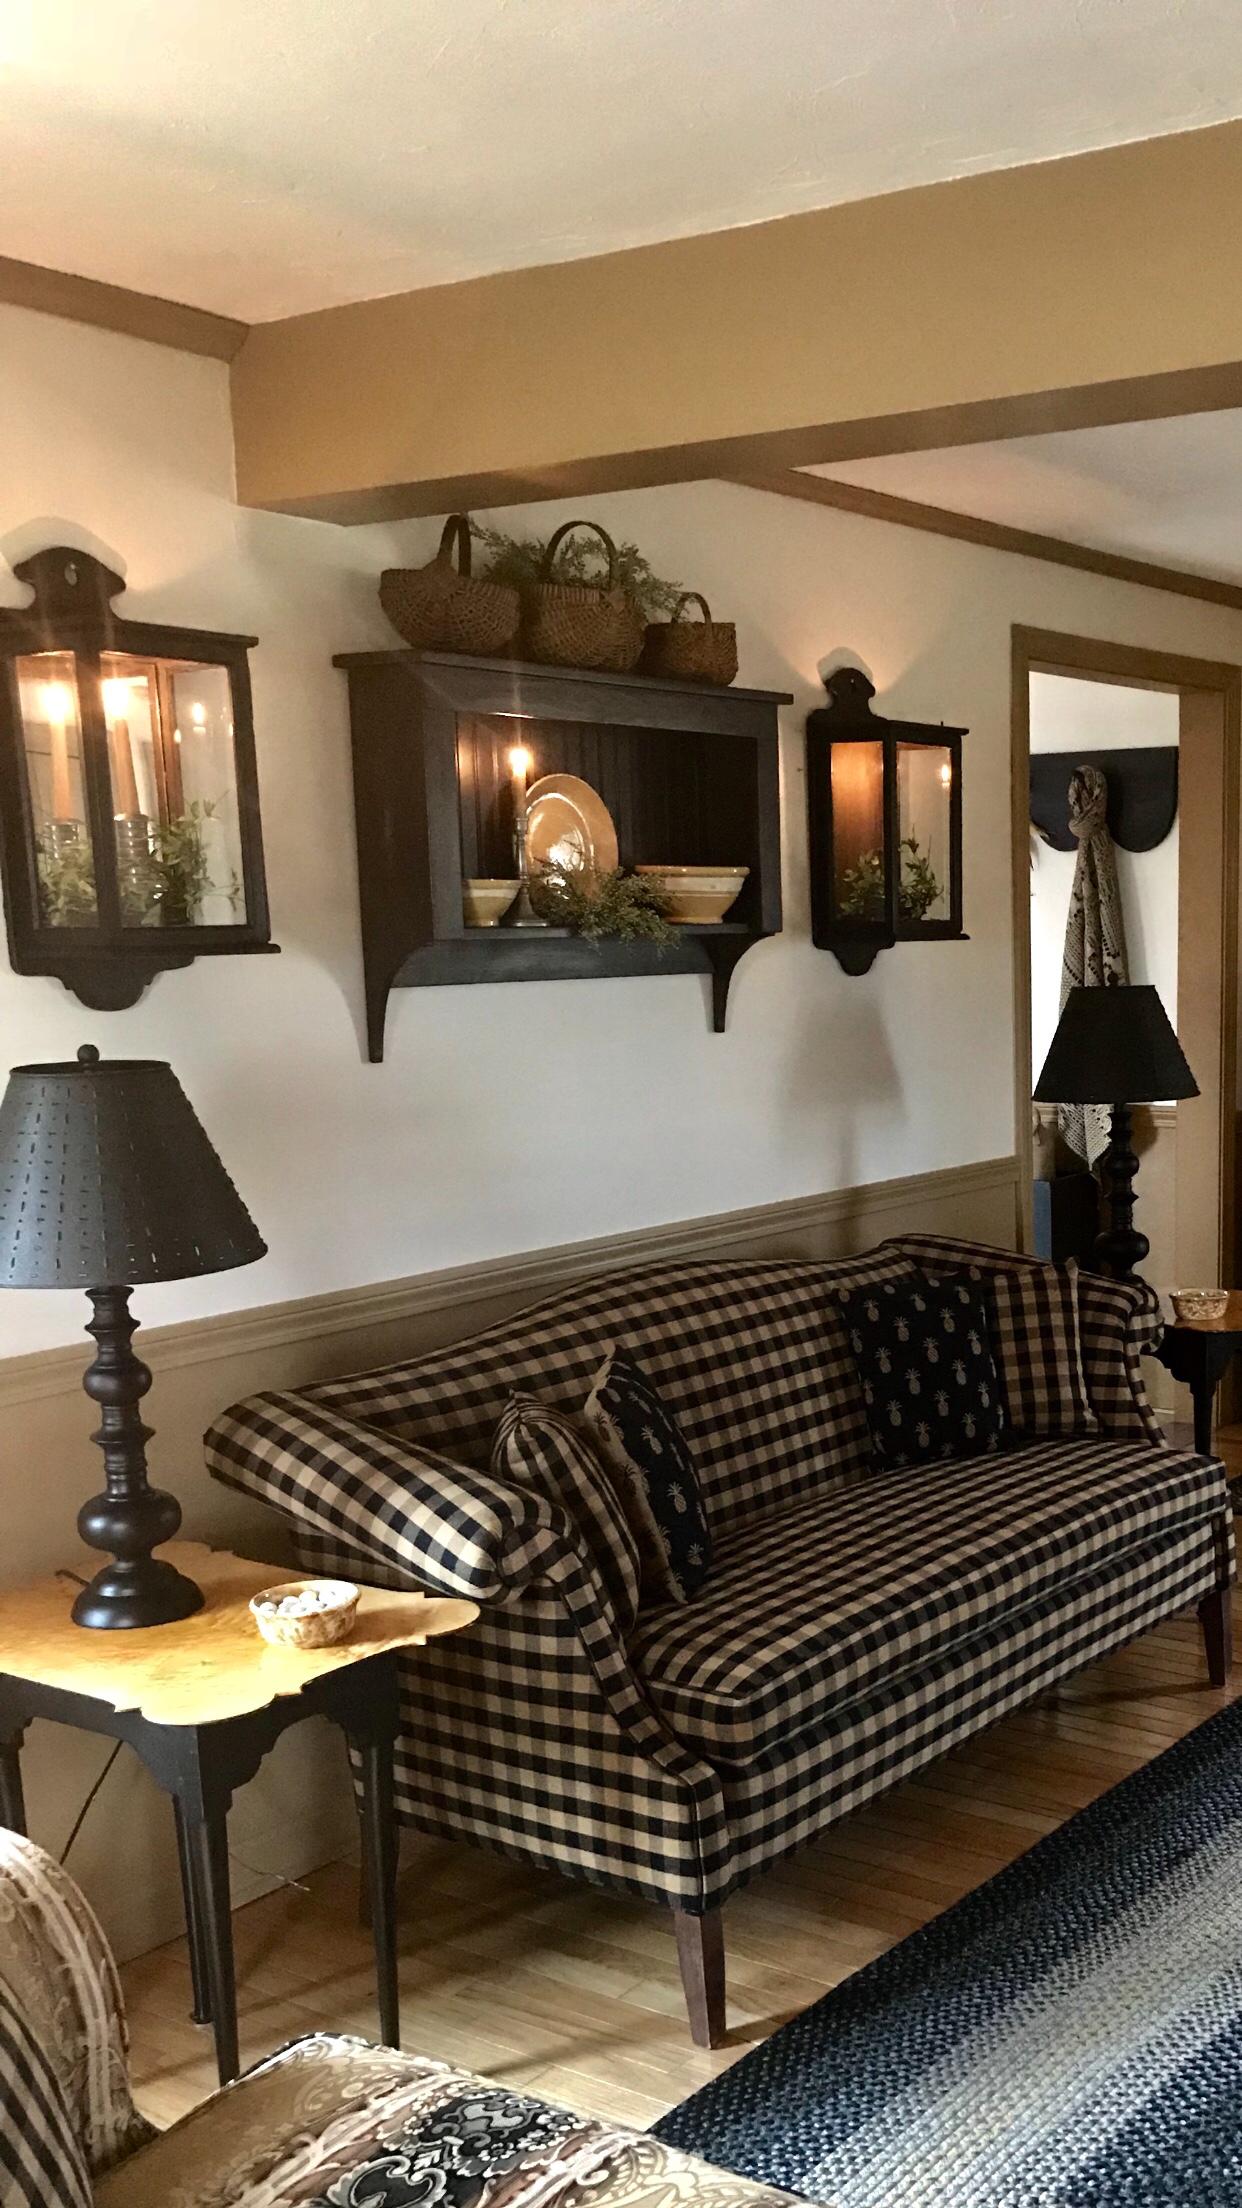 Pin De Linda Dodson En Idealu0027s For Home | Pinterest | Decoraciones De Casa,  Muebles Antiguos Y Ideas Hogar